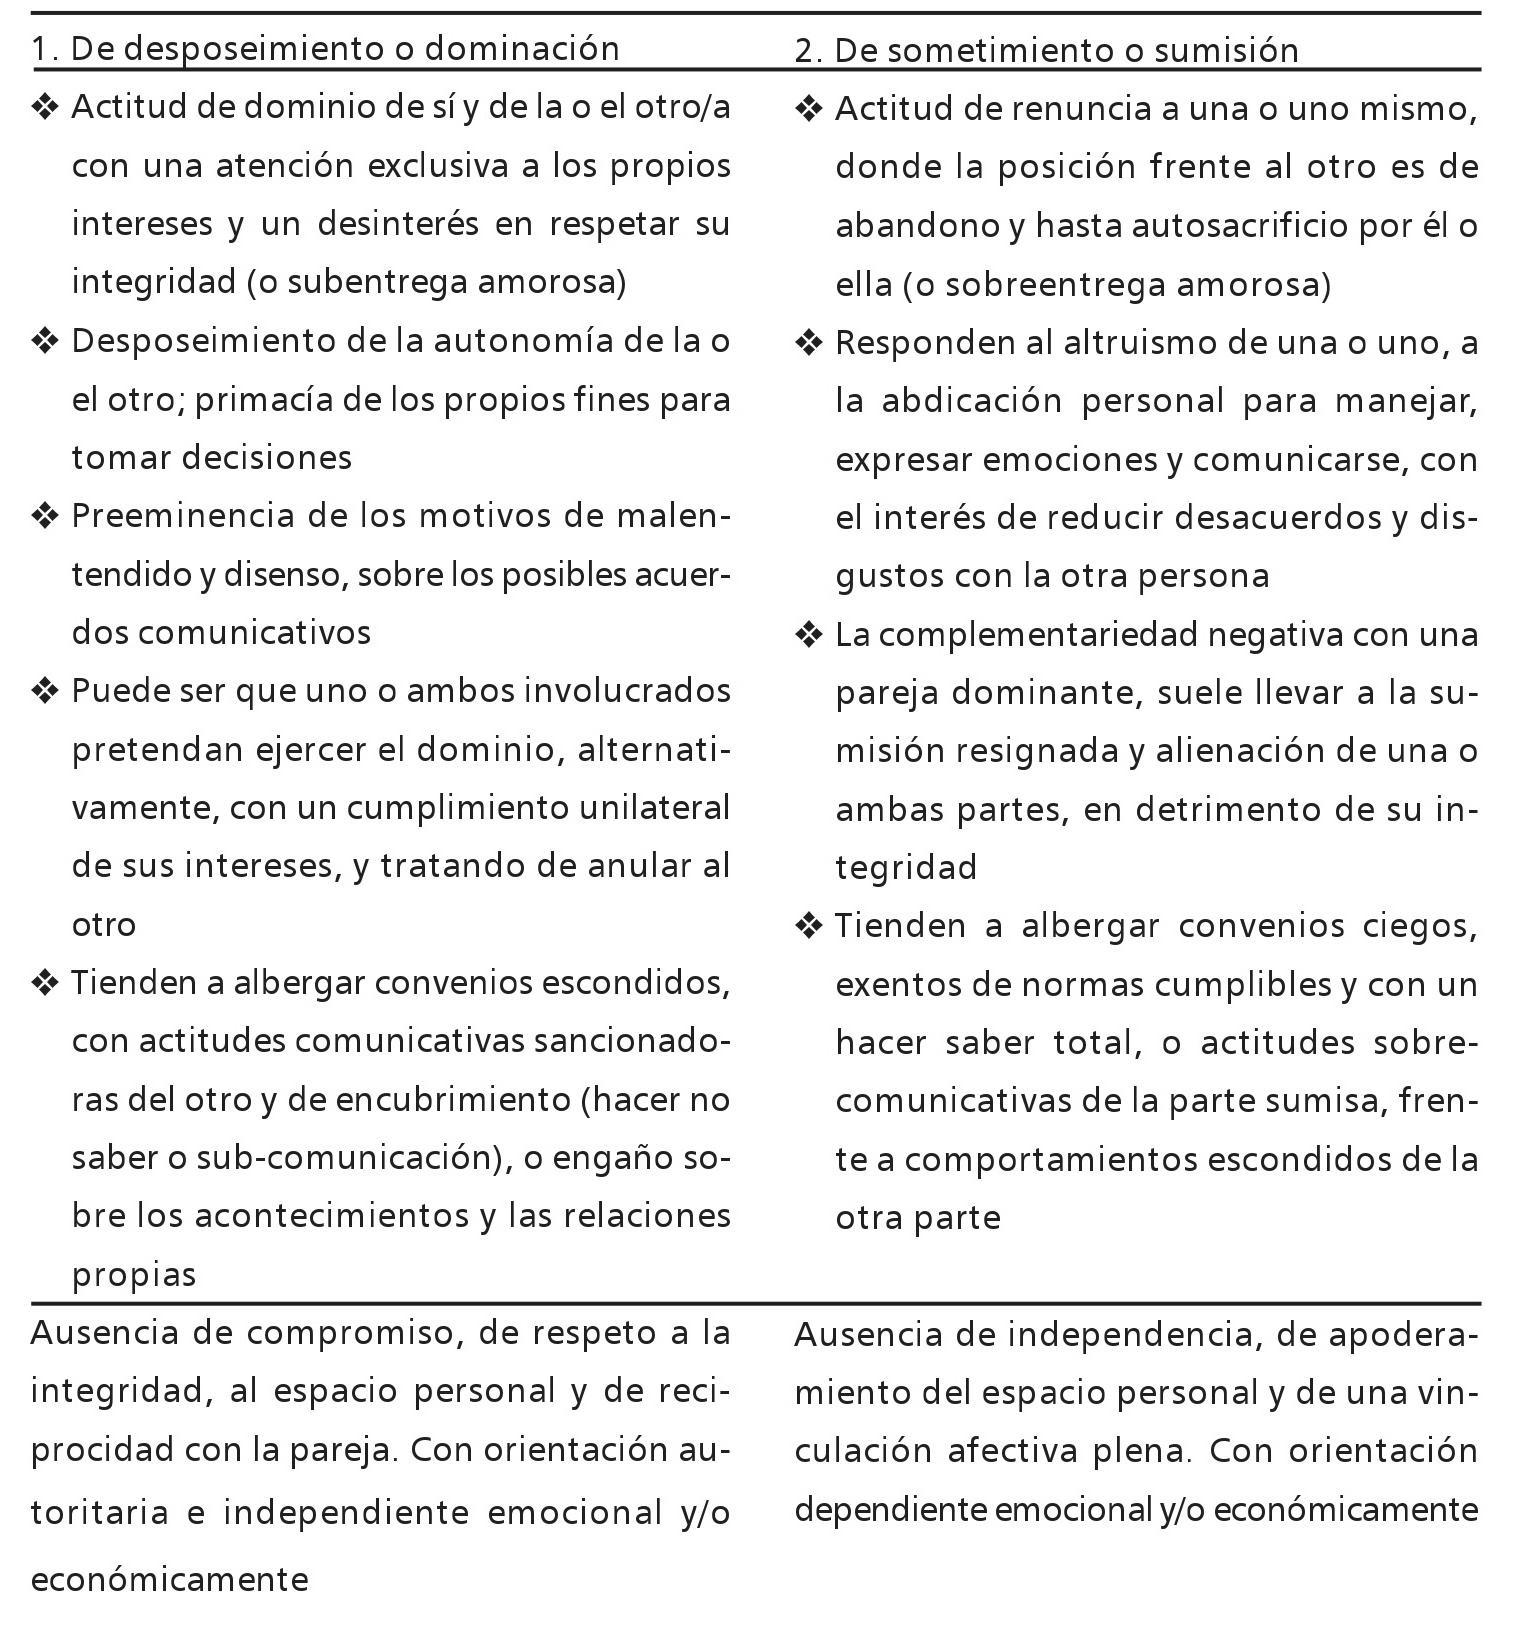 Visor Redalyc - LIBERTAD Y DOMINIO VS. COMPROMISO Y DEPENDENCIA EN ...